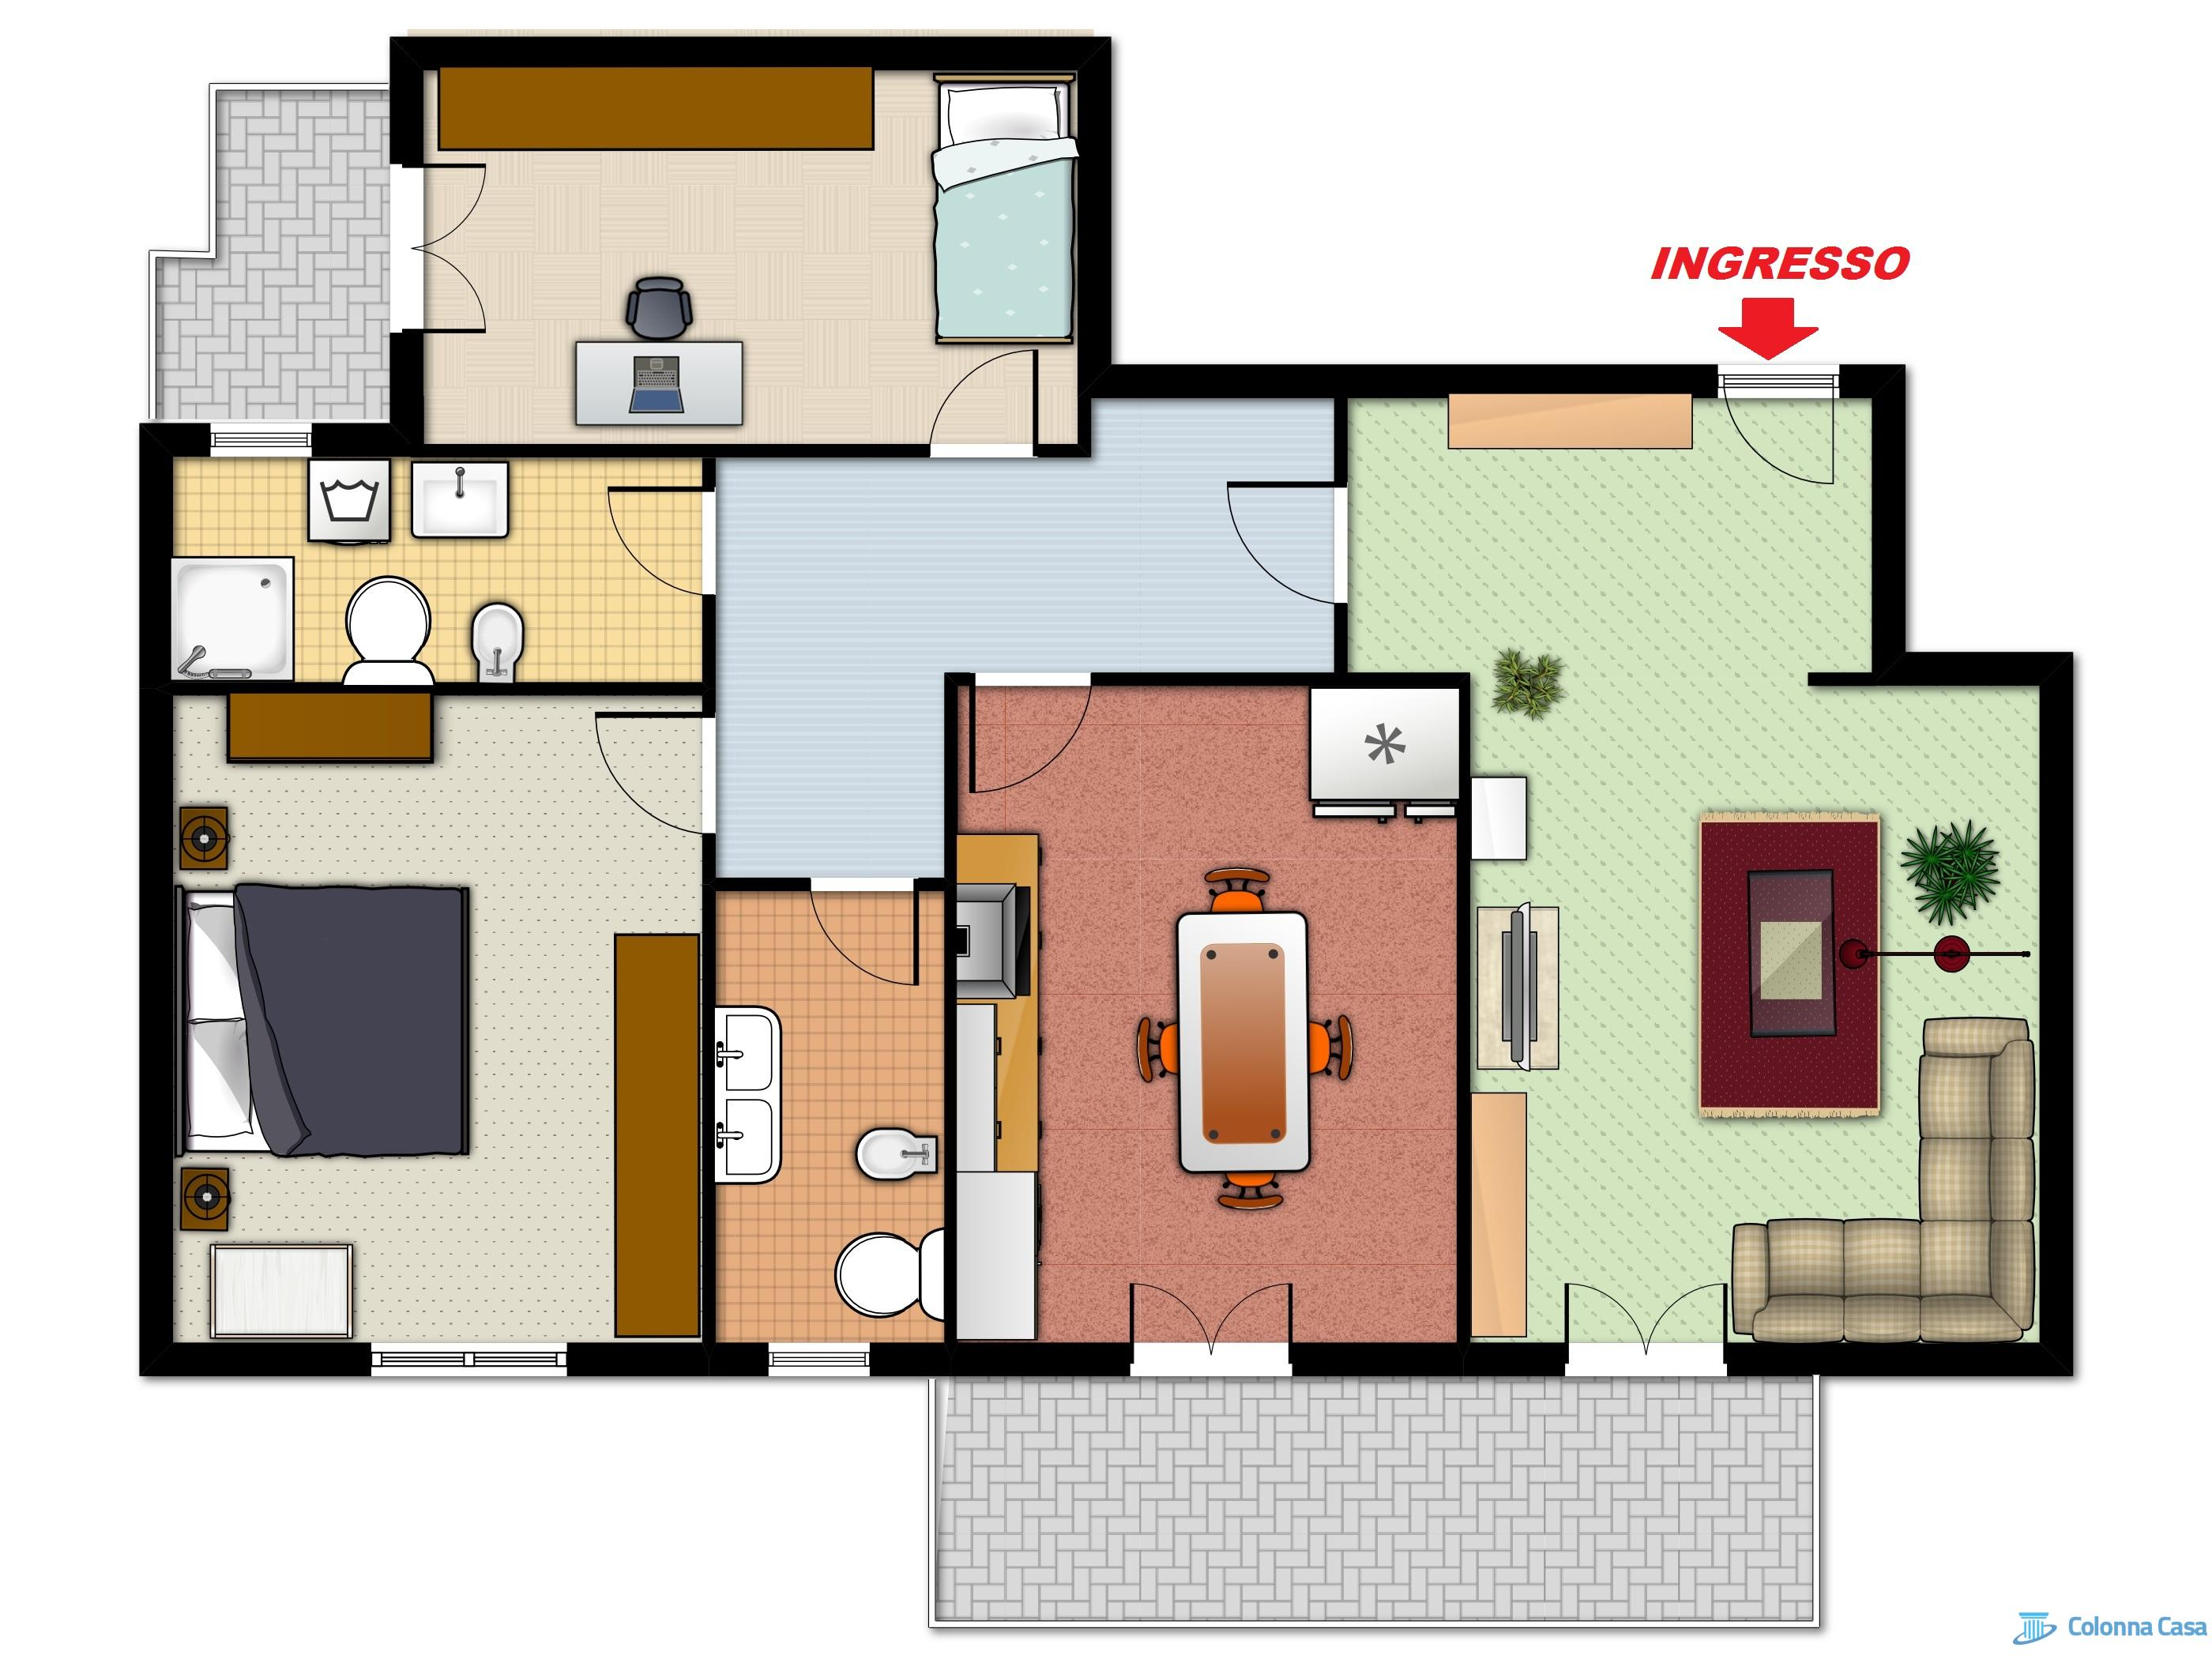 428 1487700885 pianta arredata colonna casa for Progettare una casa online